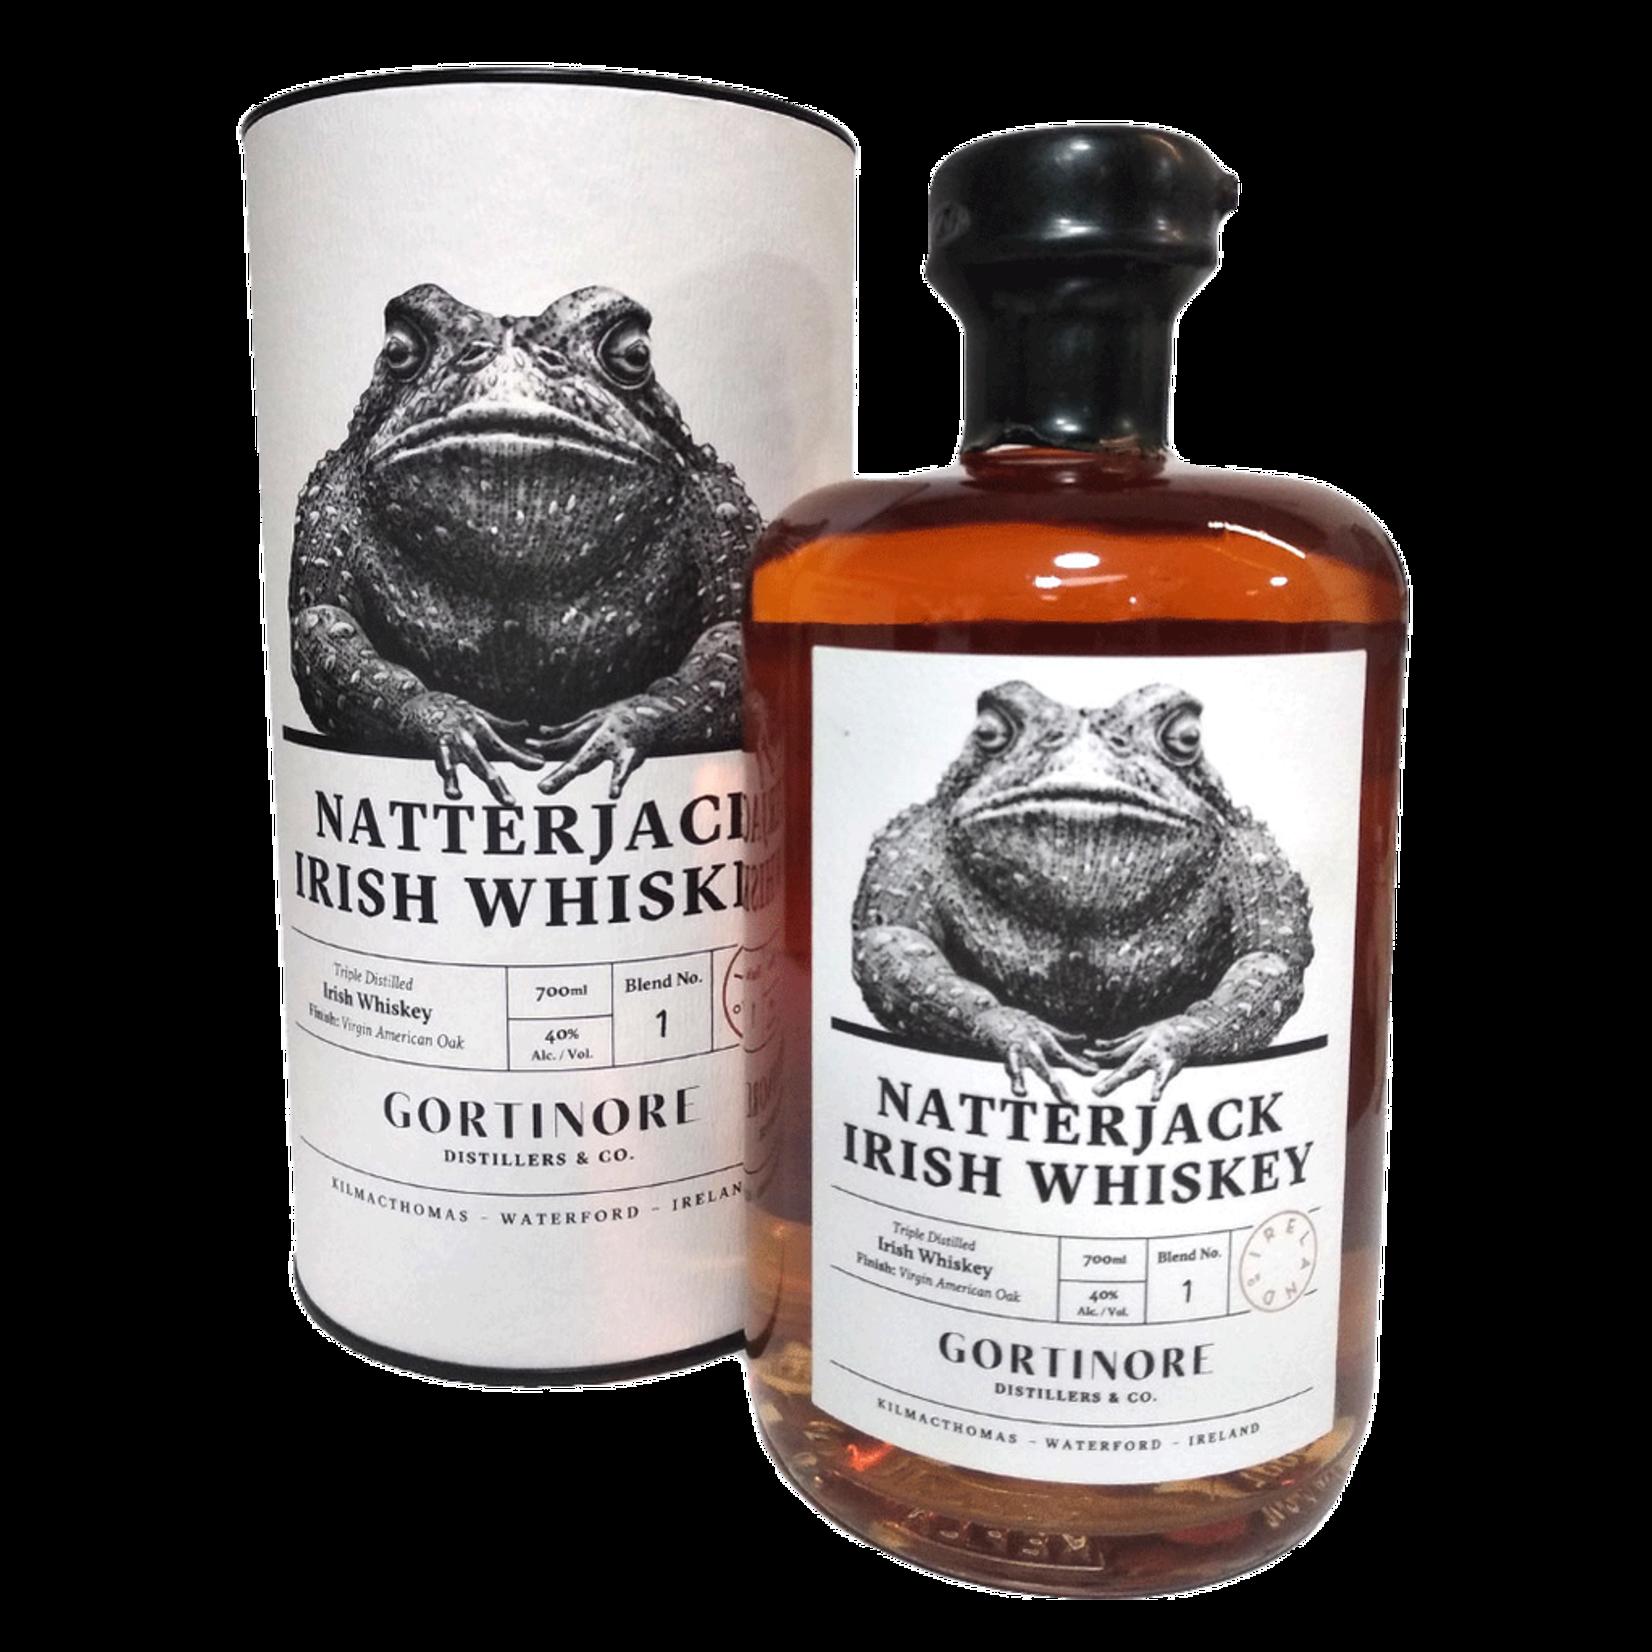 Spirits Gortinore Distillers & Co Natterjack Irish Whiskey